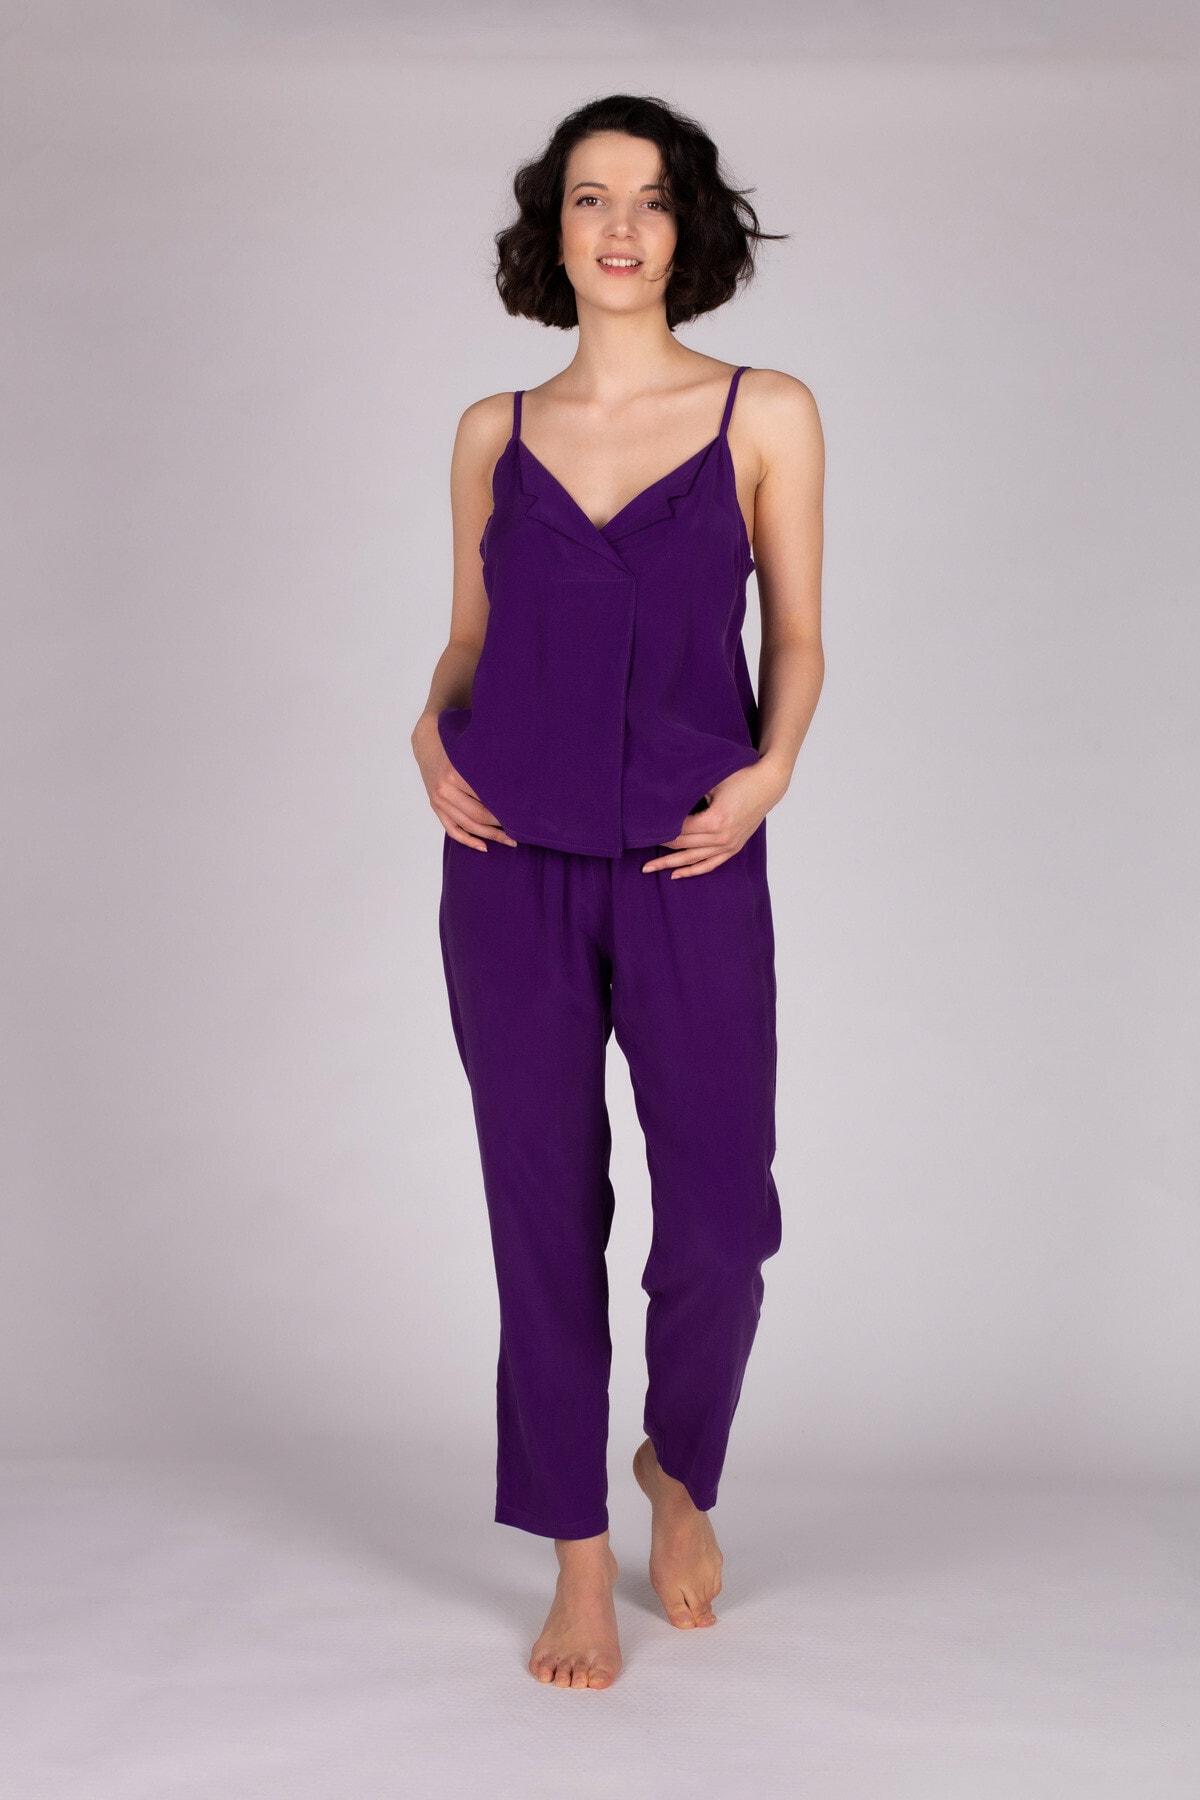 Hays Kadın Mor Vegan Uzun Pijama Takımı 2